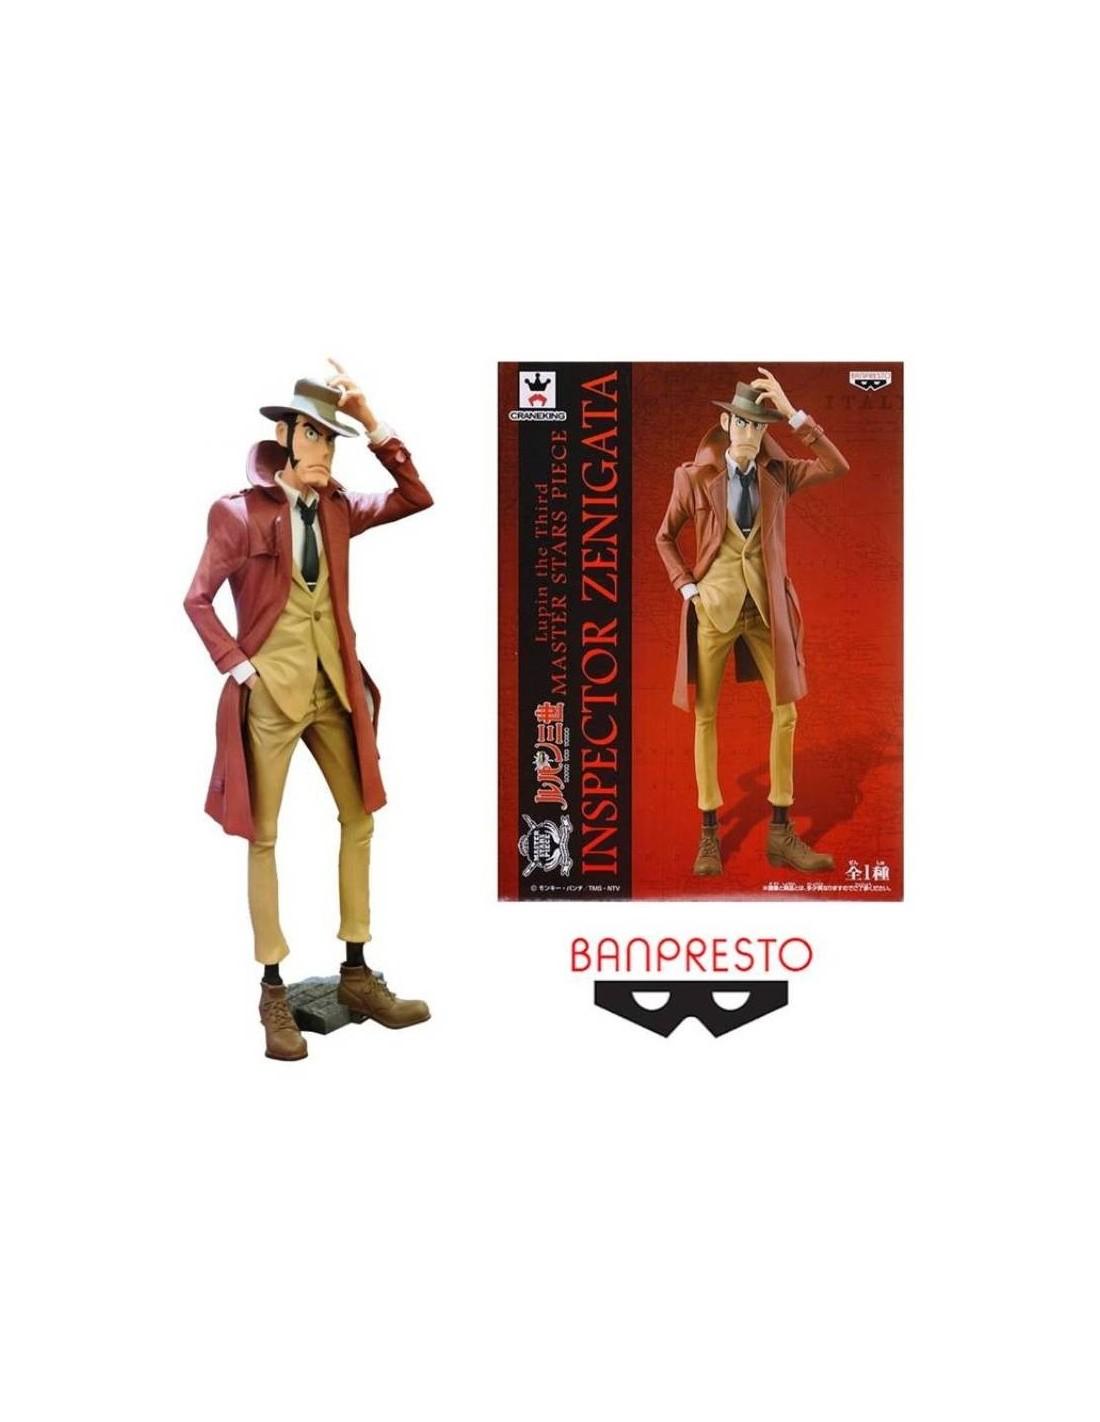 Lupin The 3rd Master Stars Piece Ispettore Zenigata PVC Figure BANPRESTO